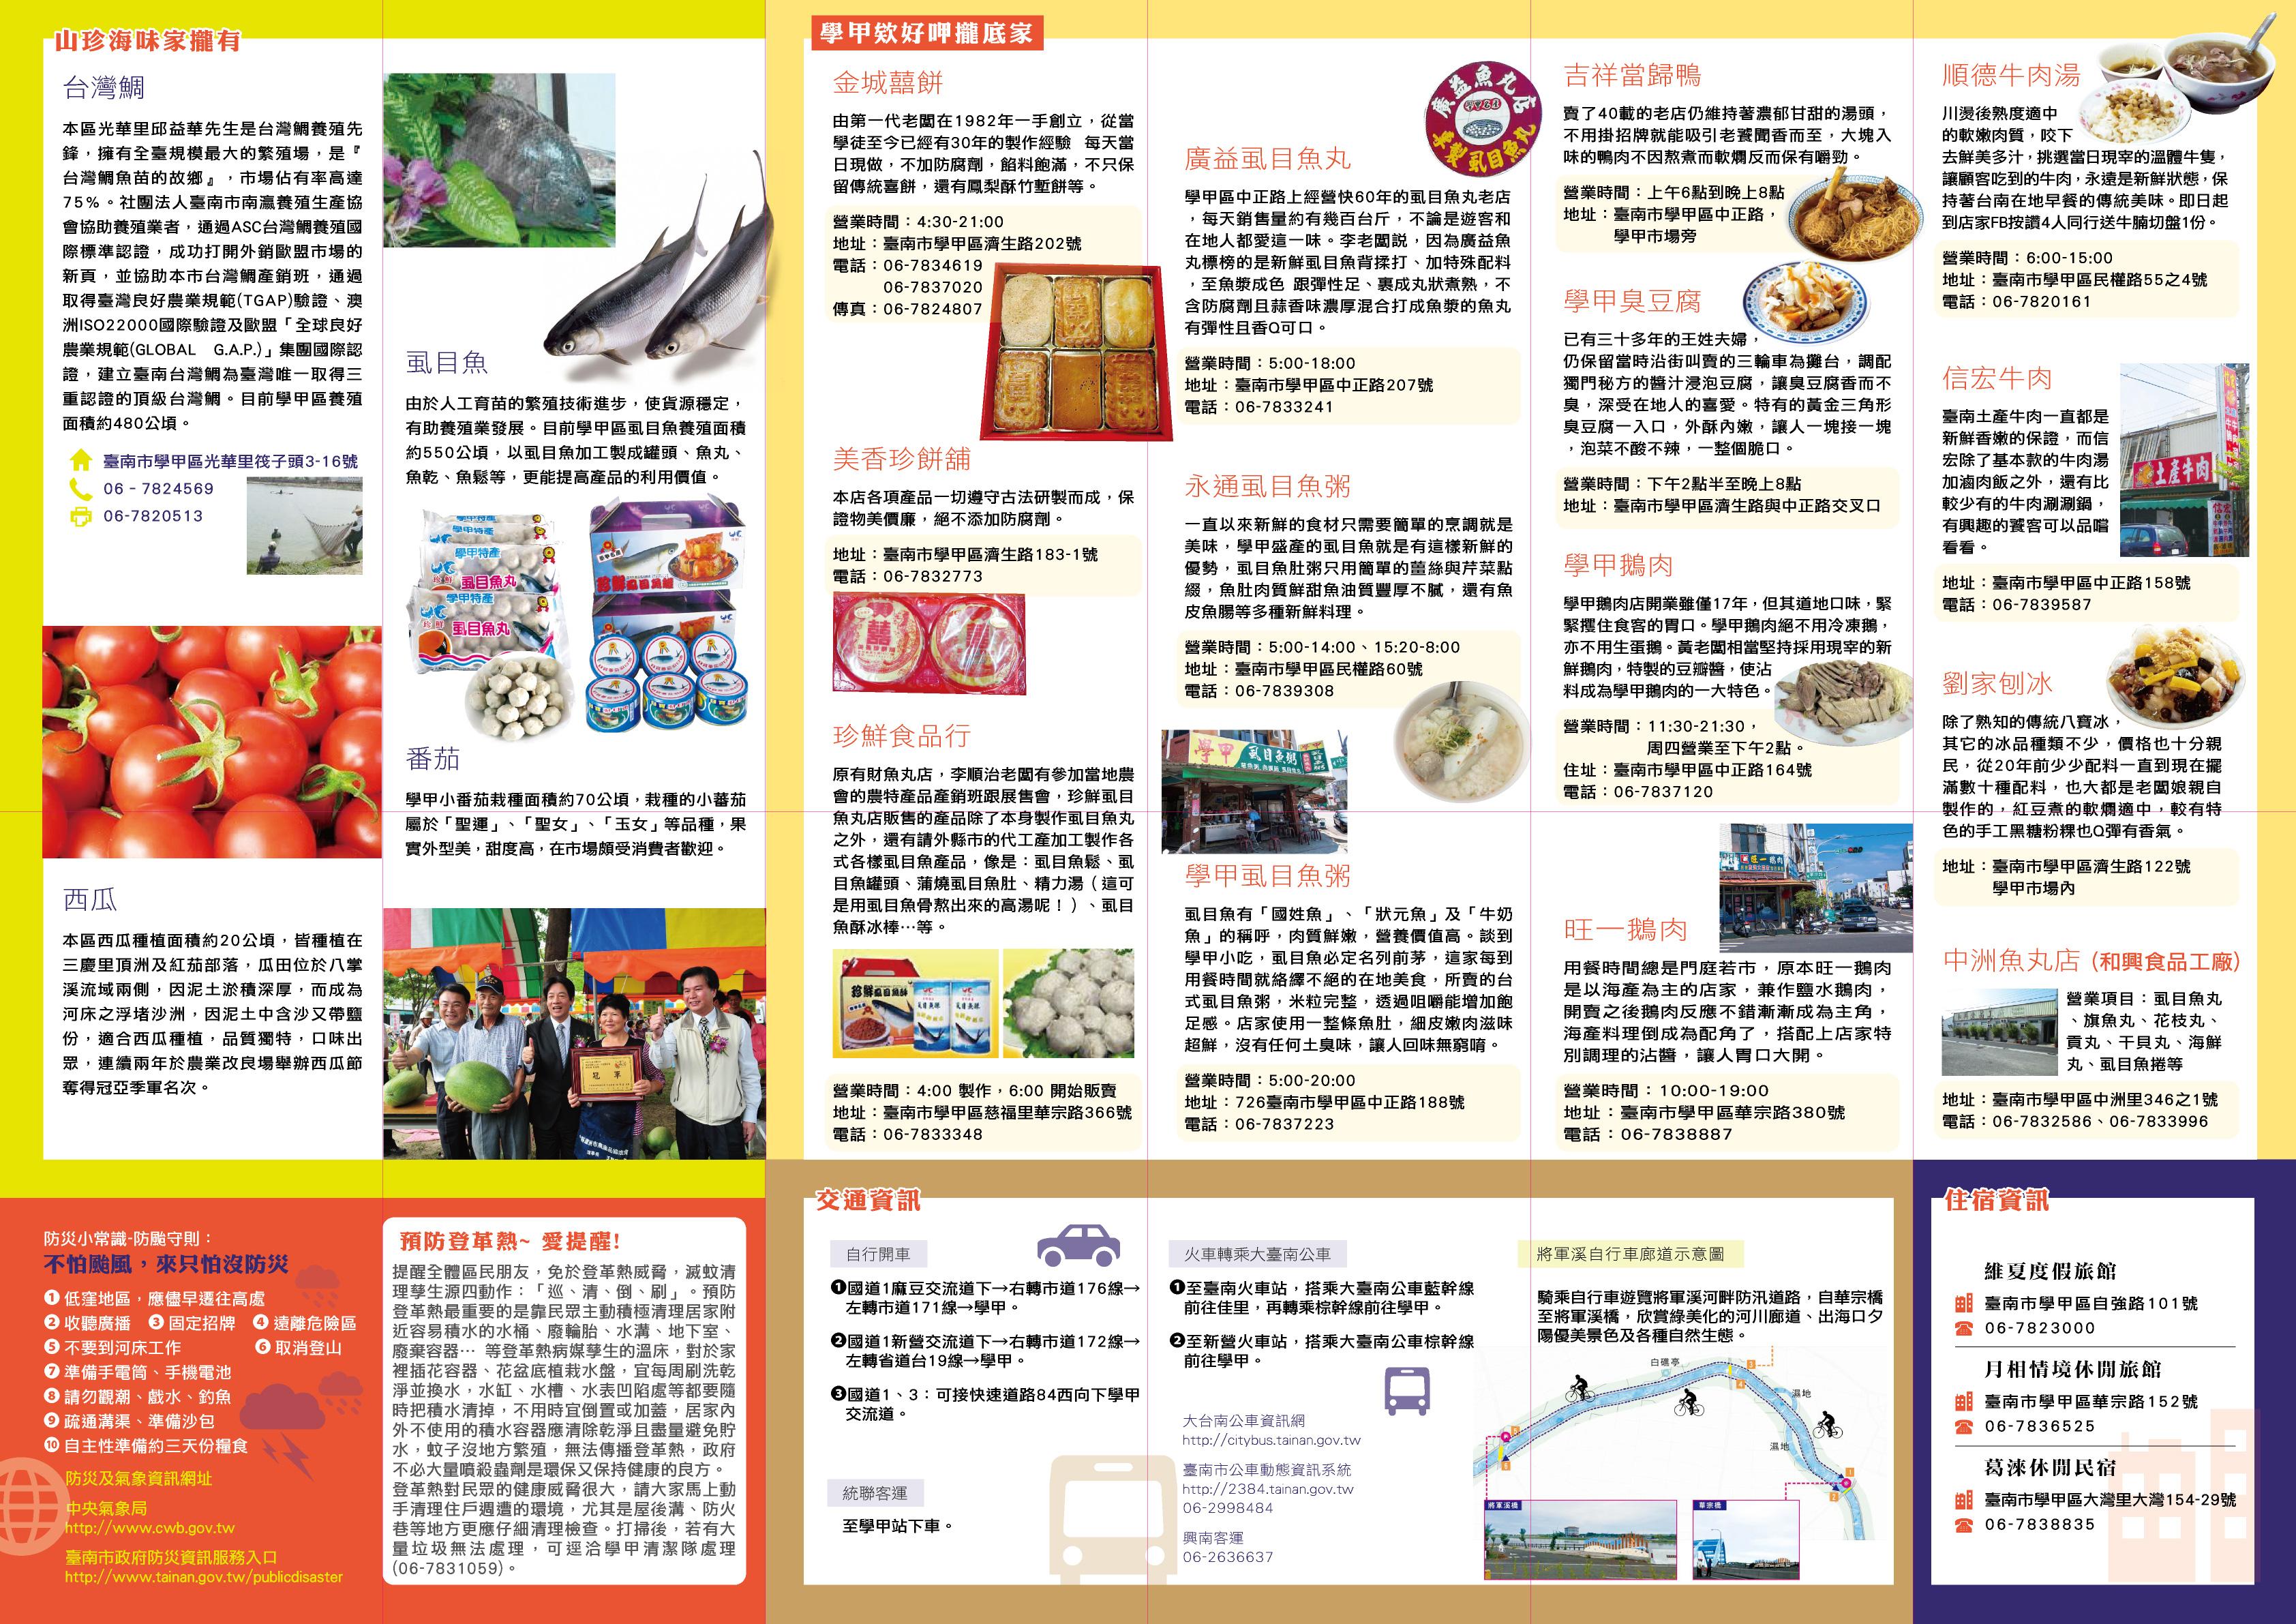 學甲區 產業文化觀光導覽圖2